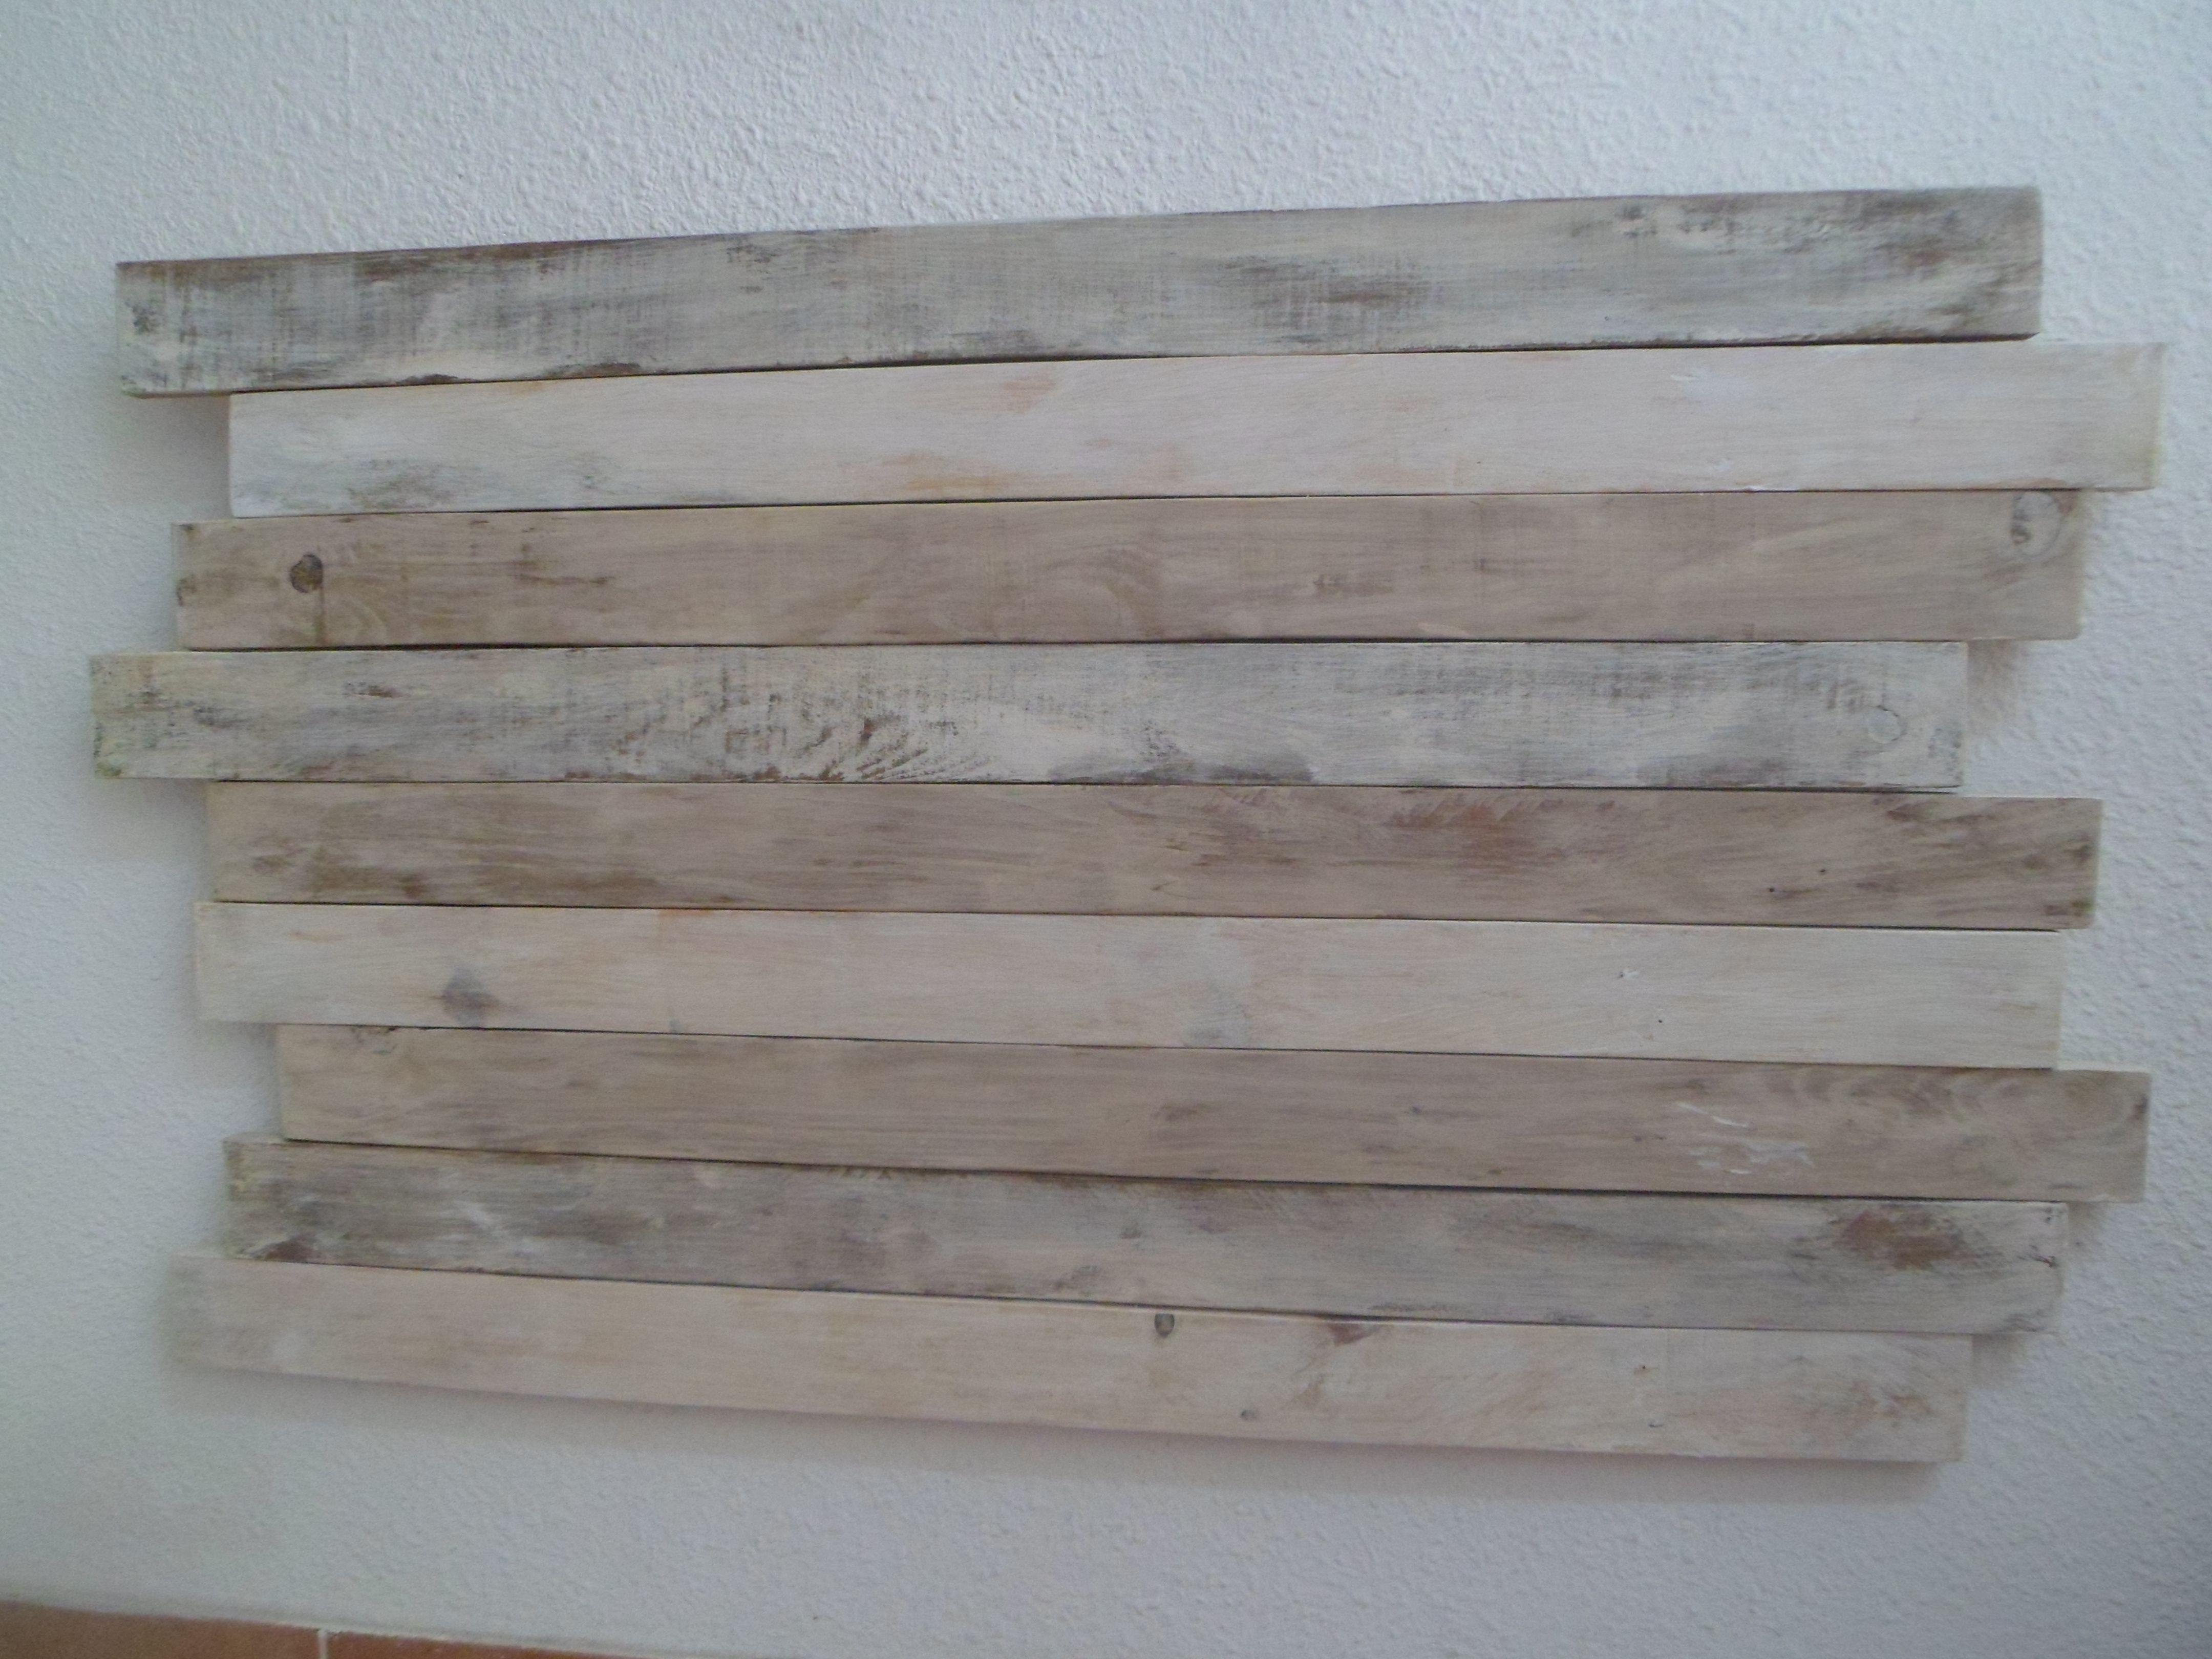 Pin de pizarra de tiza en cabecero decapado vintage blanco - Cabeceros de cama de madera ...